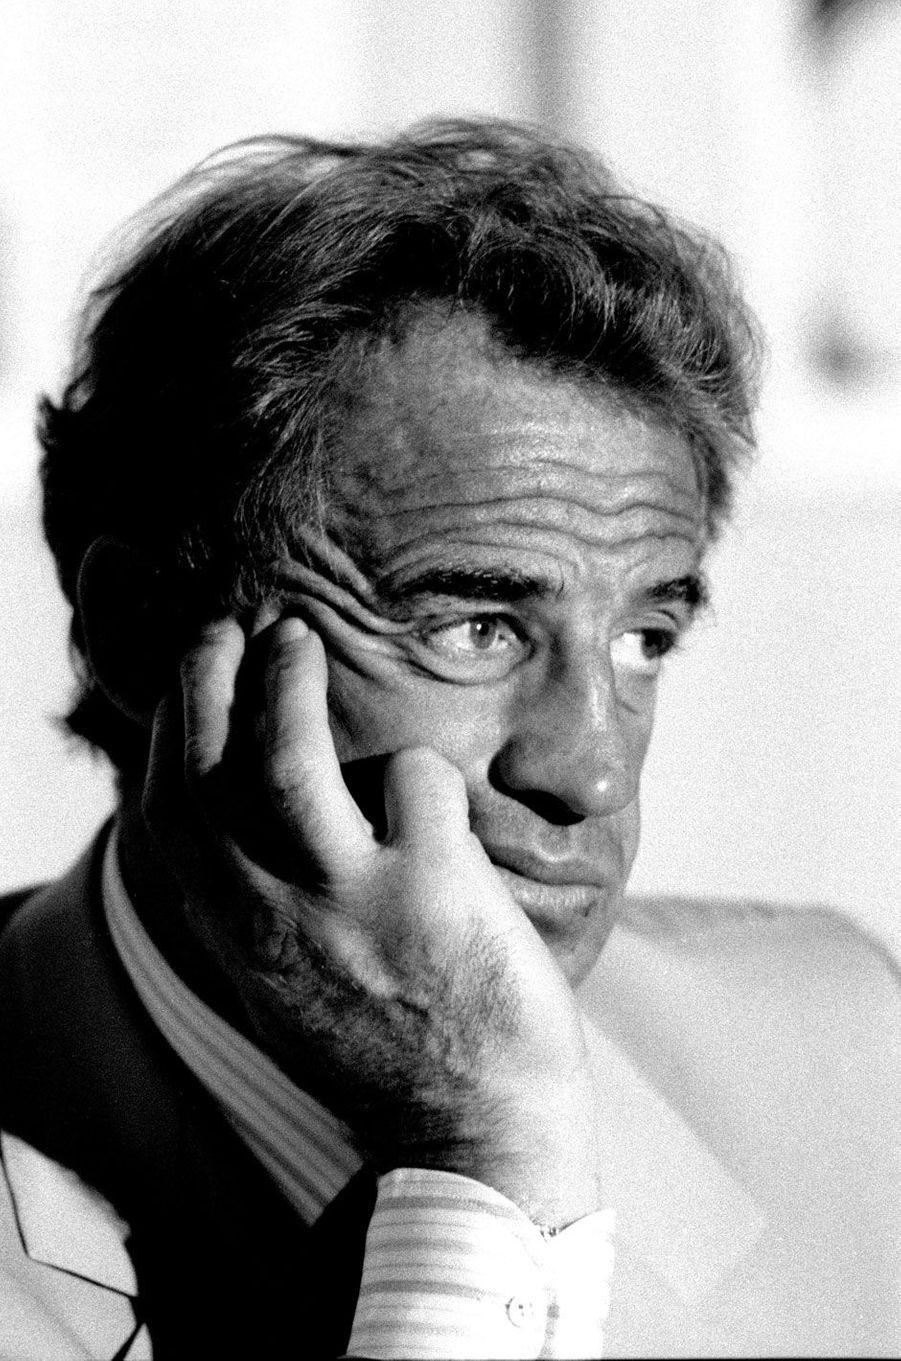 Jean-Paul Belmondo en 1985